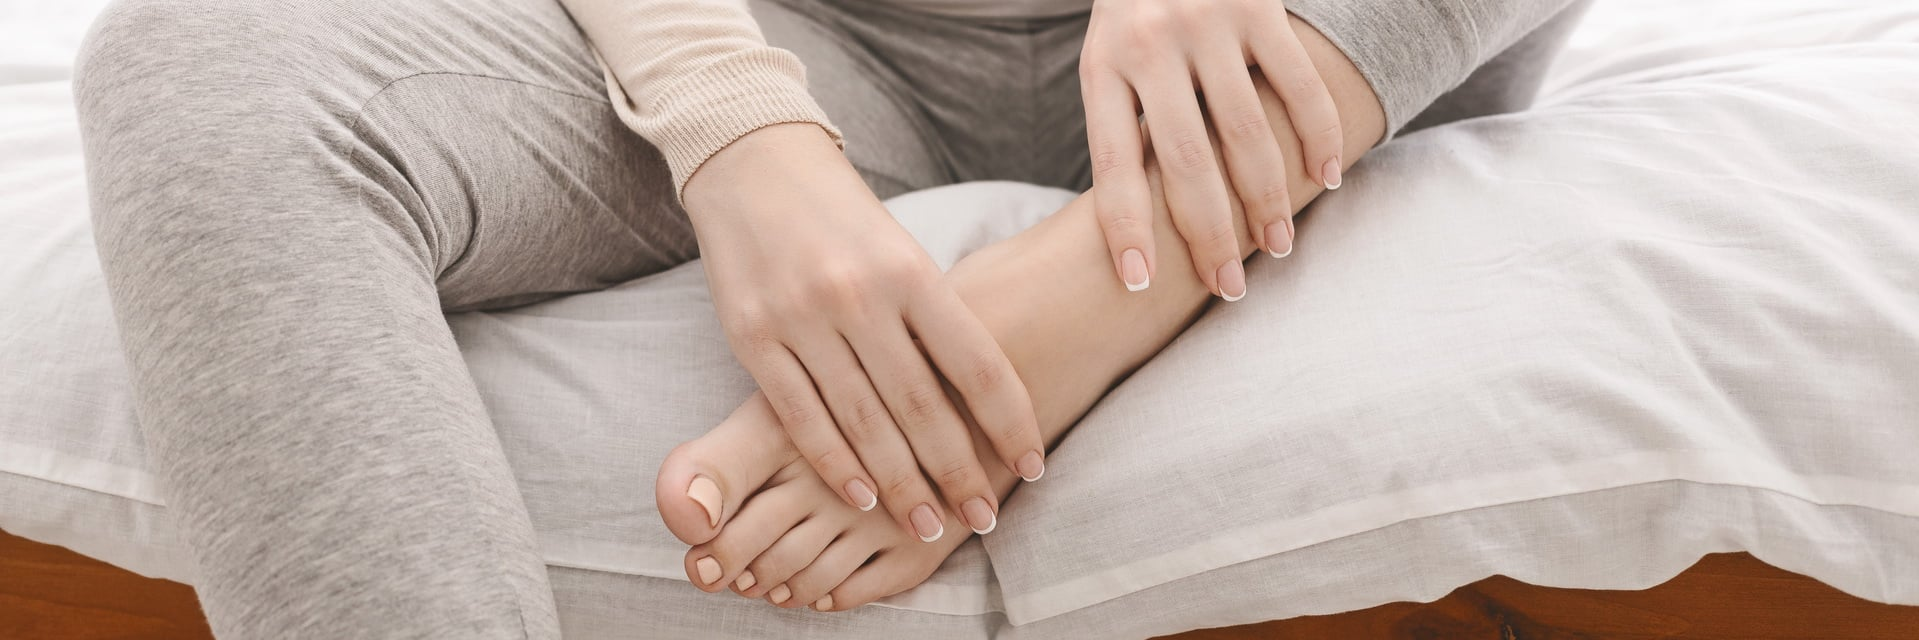 la ritenzione idrica colpisce le zone declivi del corpo come ad esempio le caviglie